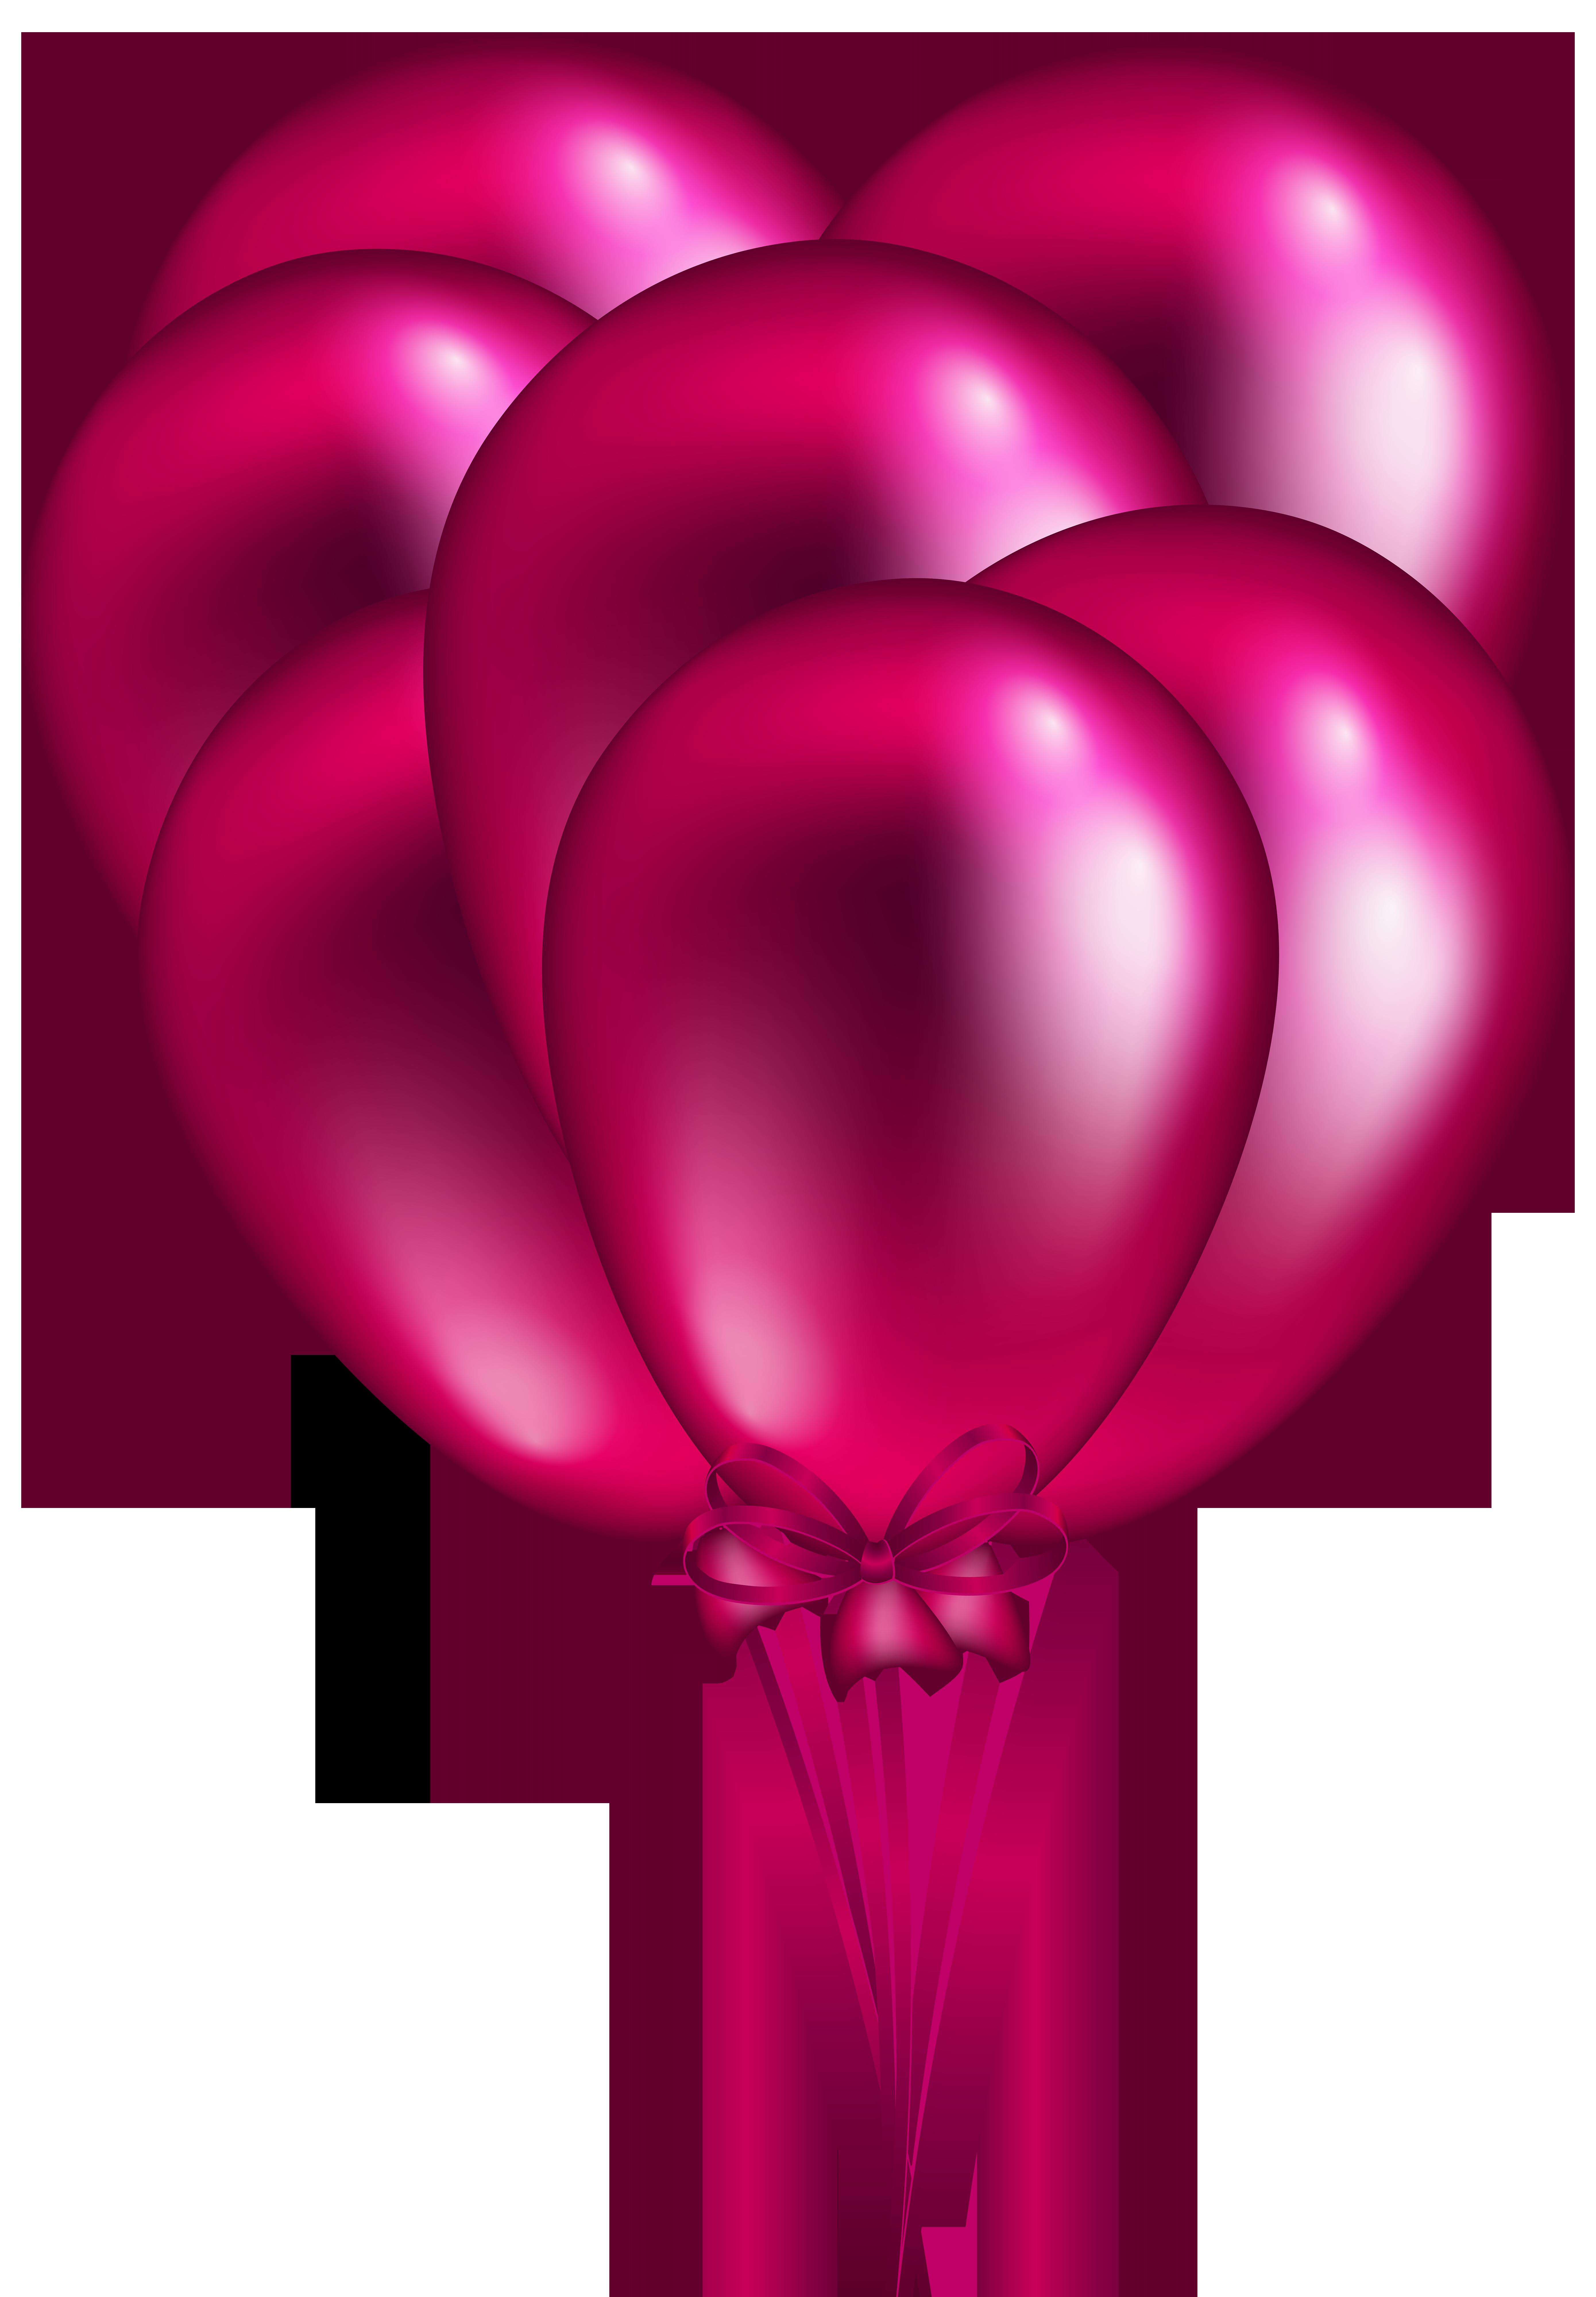 5558x8000 Pink Balloon Bunch PNG Clip Art